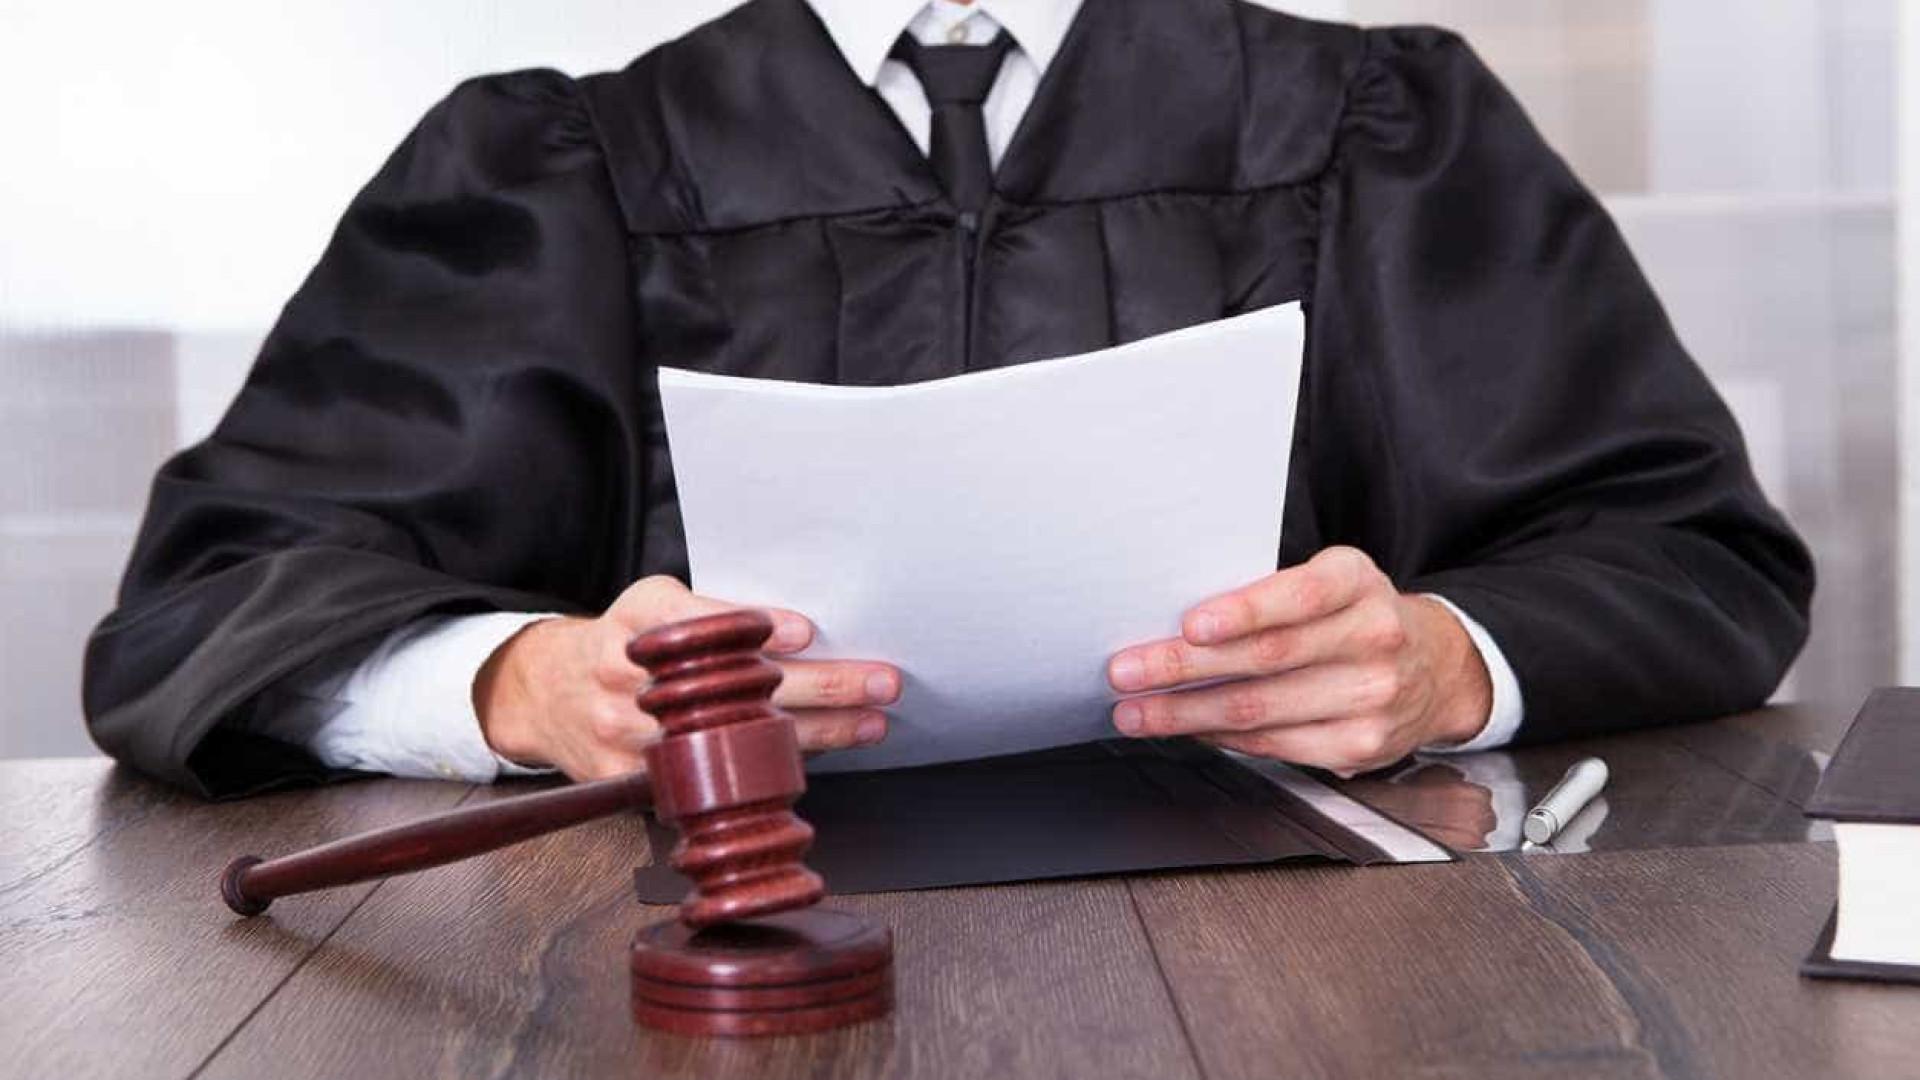 Magistrados pressionados para proferir decisões em tempo recorde